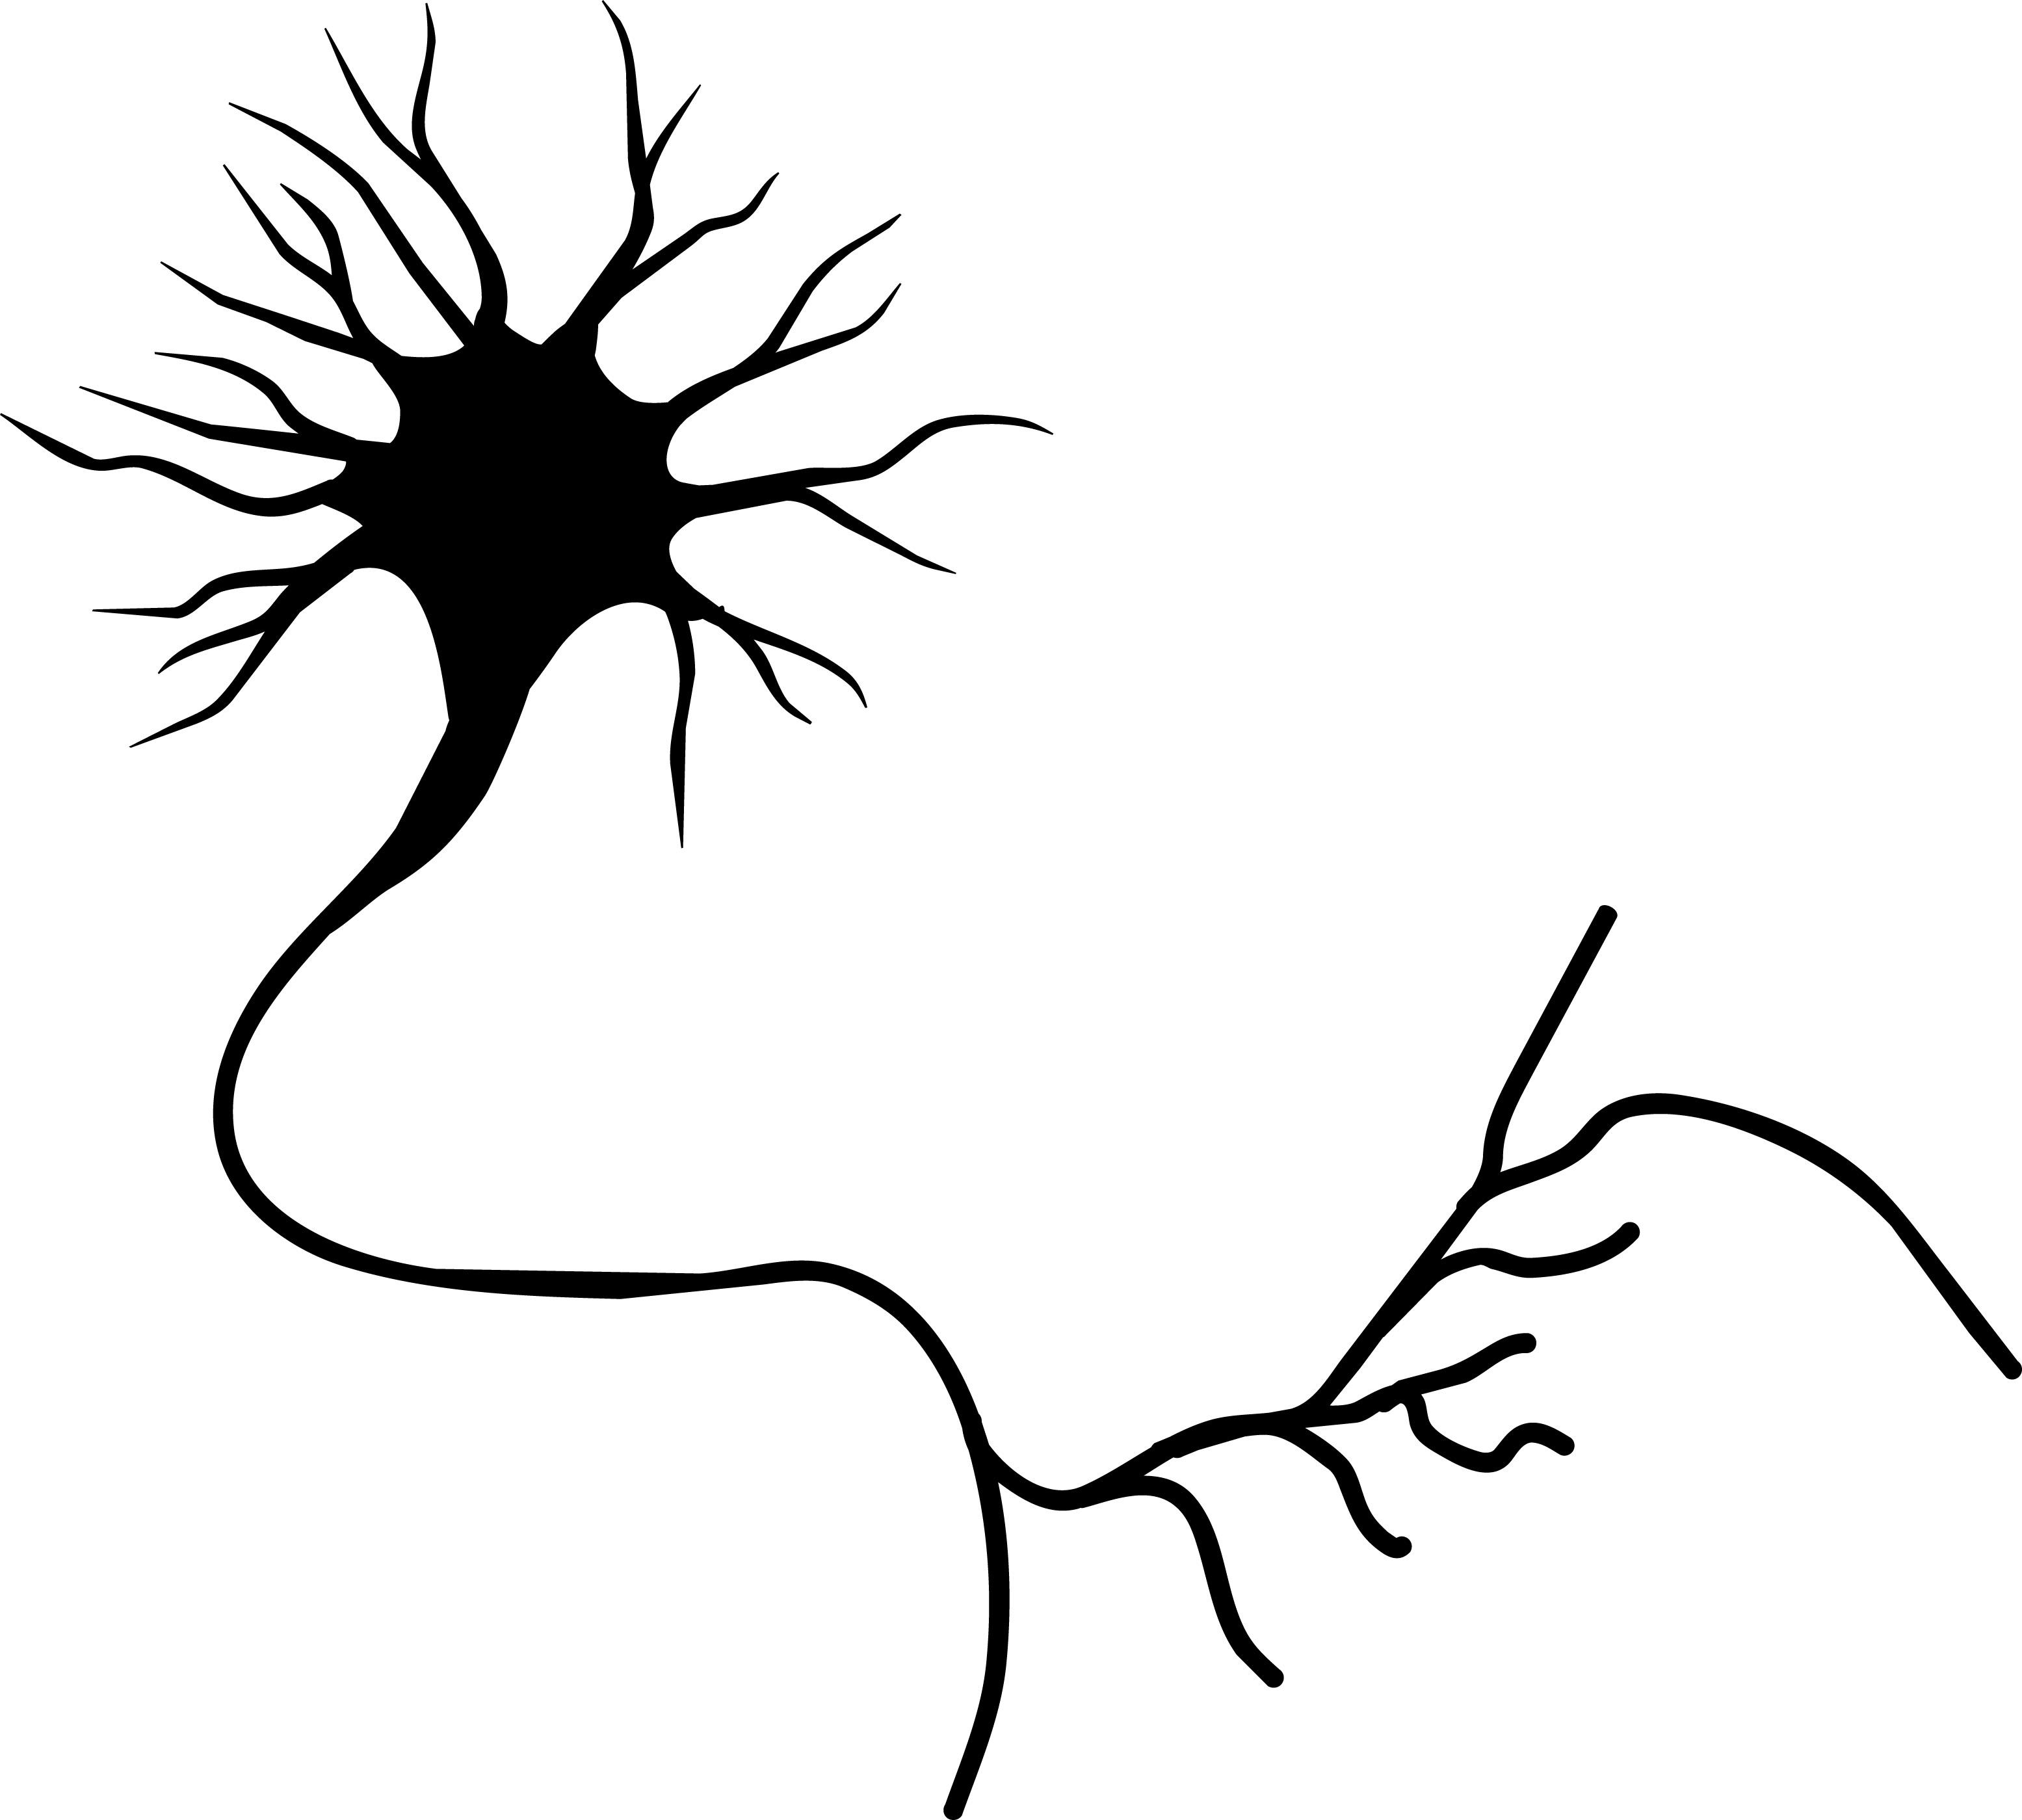 Clipart neuron transparent background.